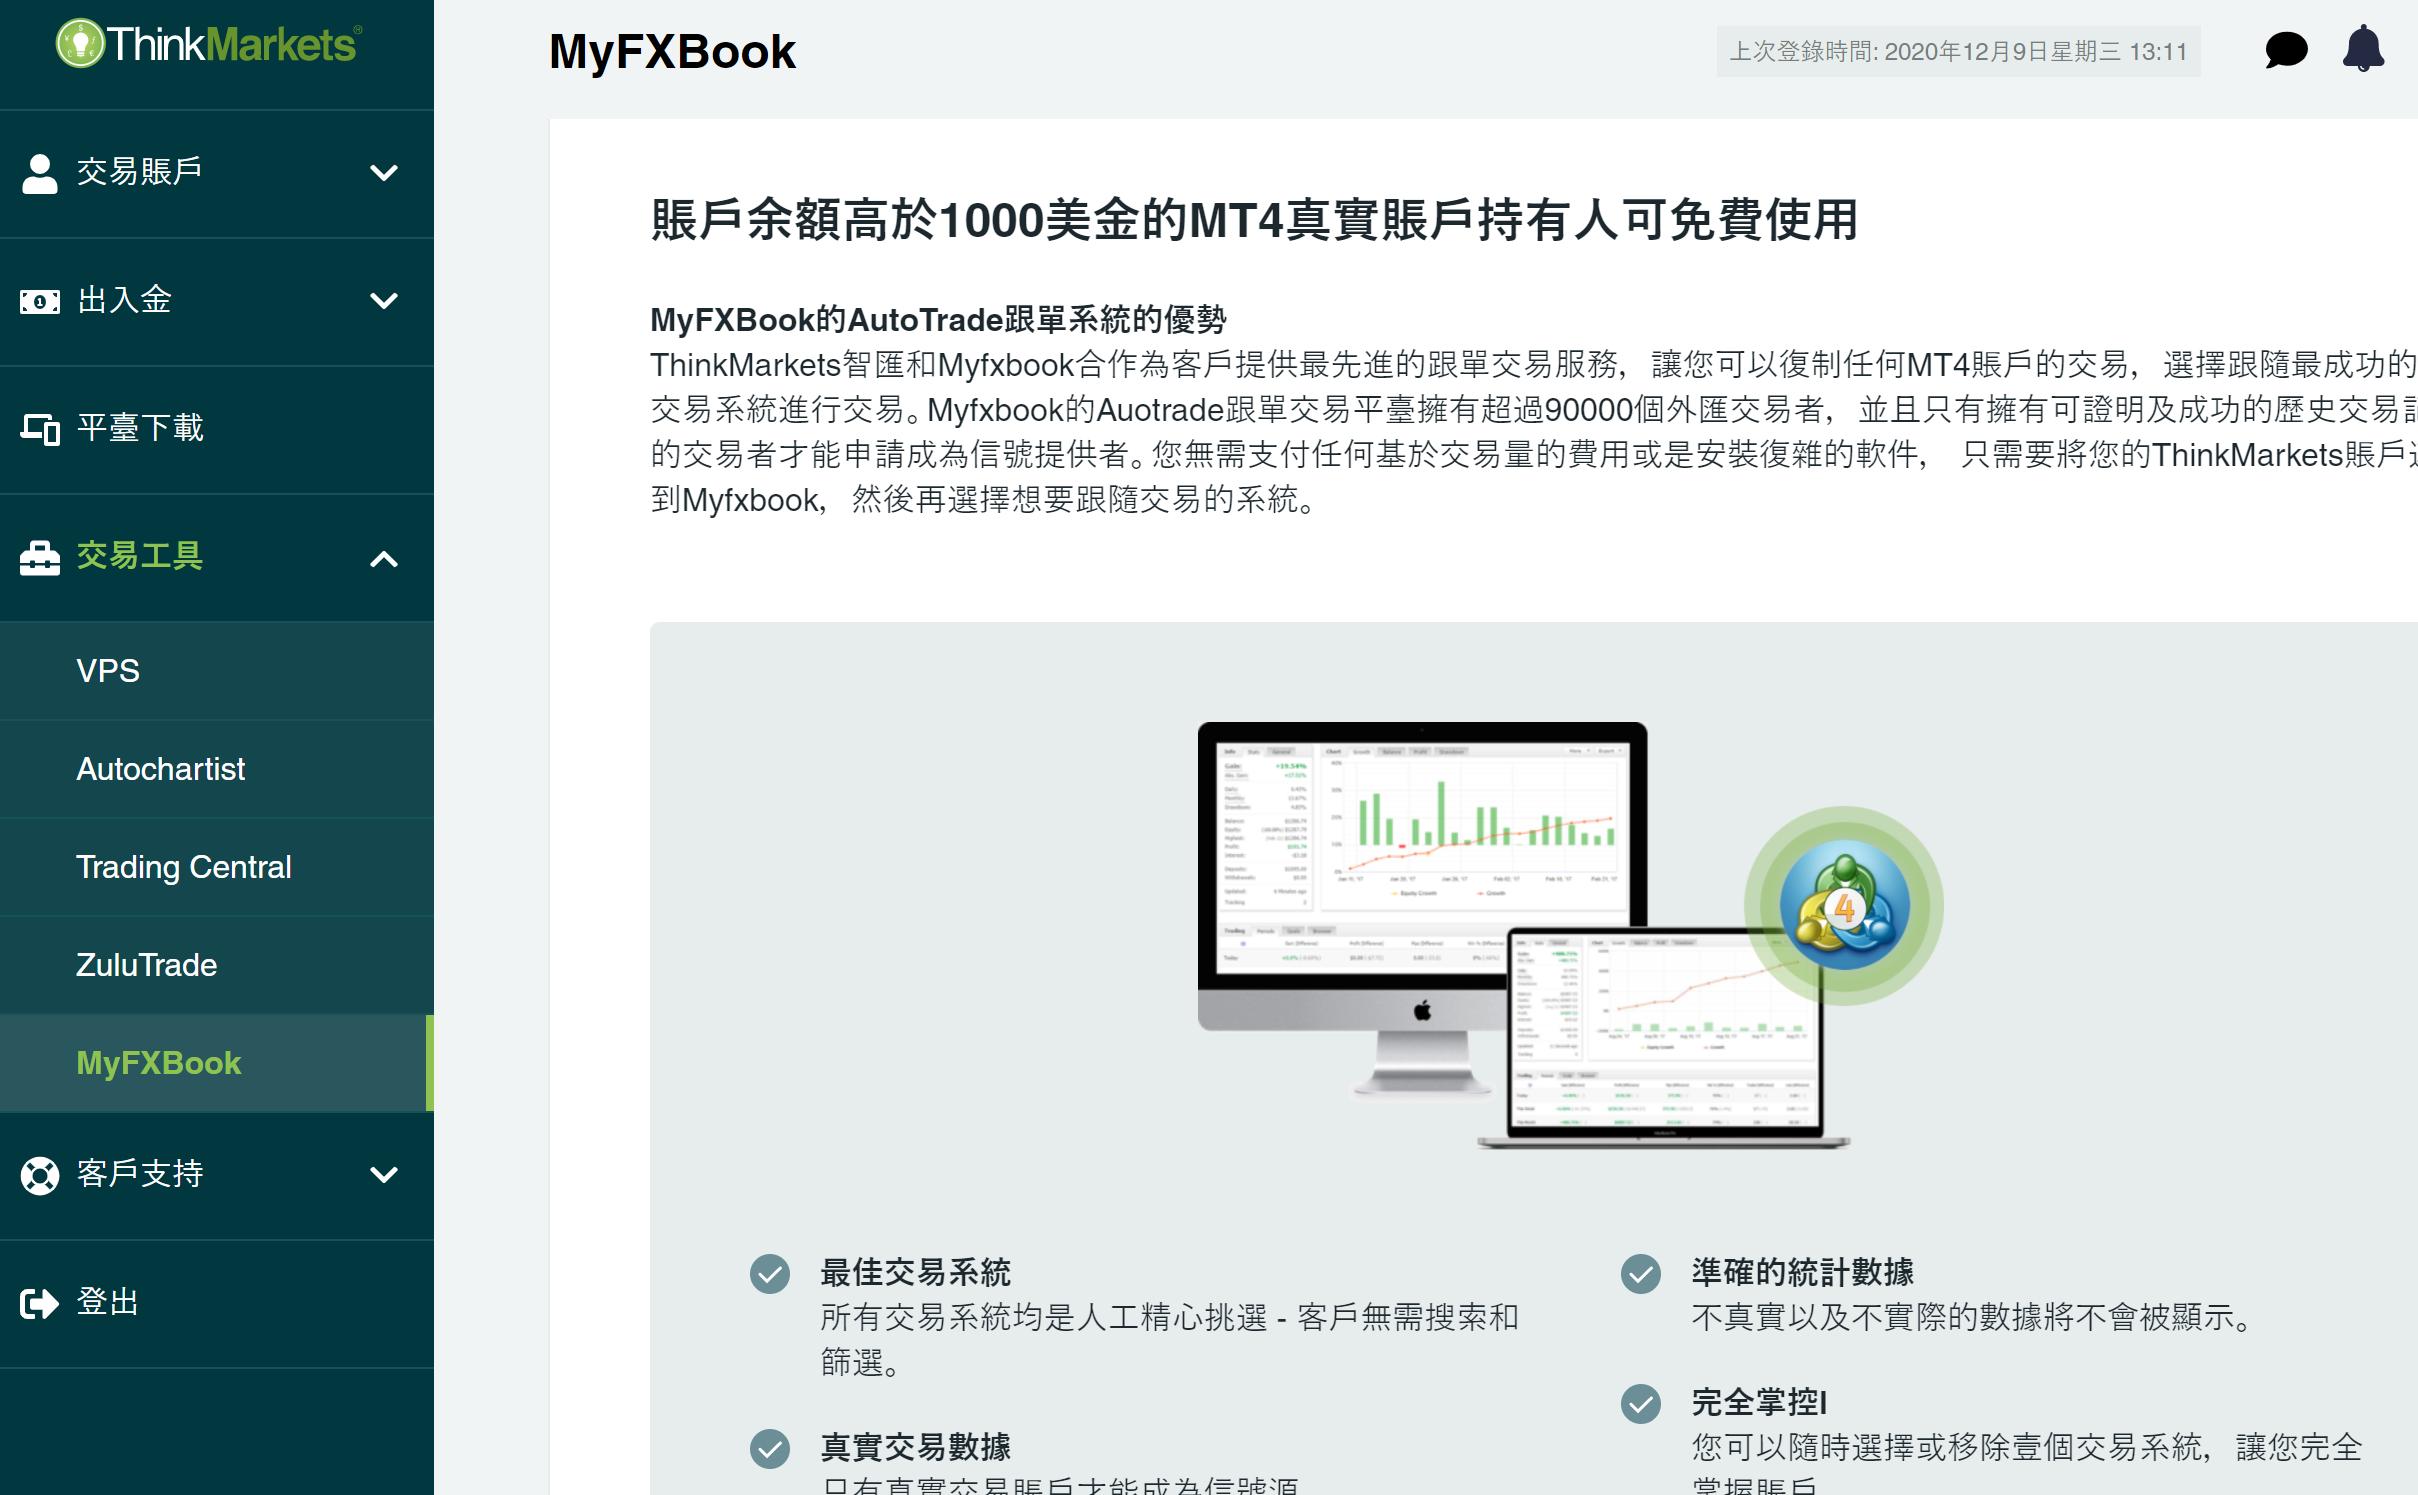 ThinkMarkets(智匯)的新後台,MyFXBook說明頁面。